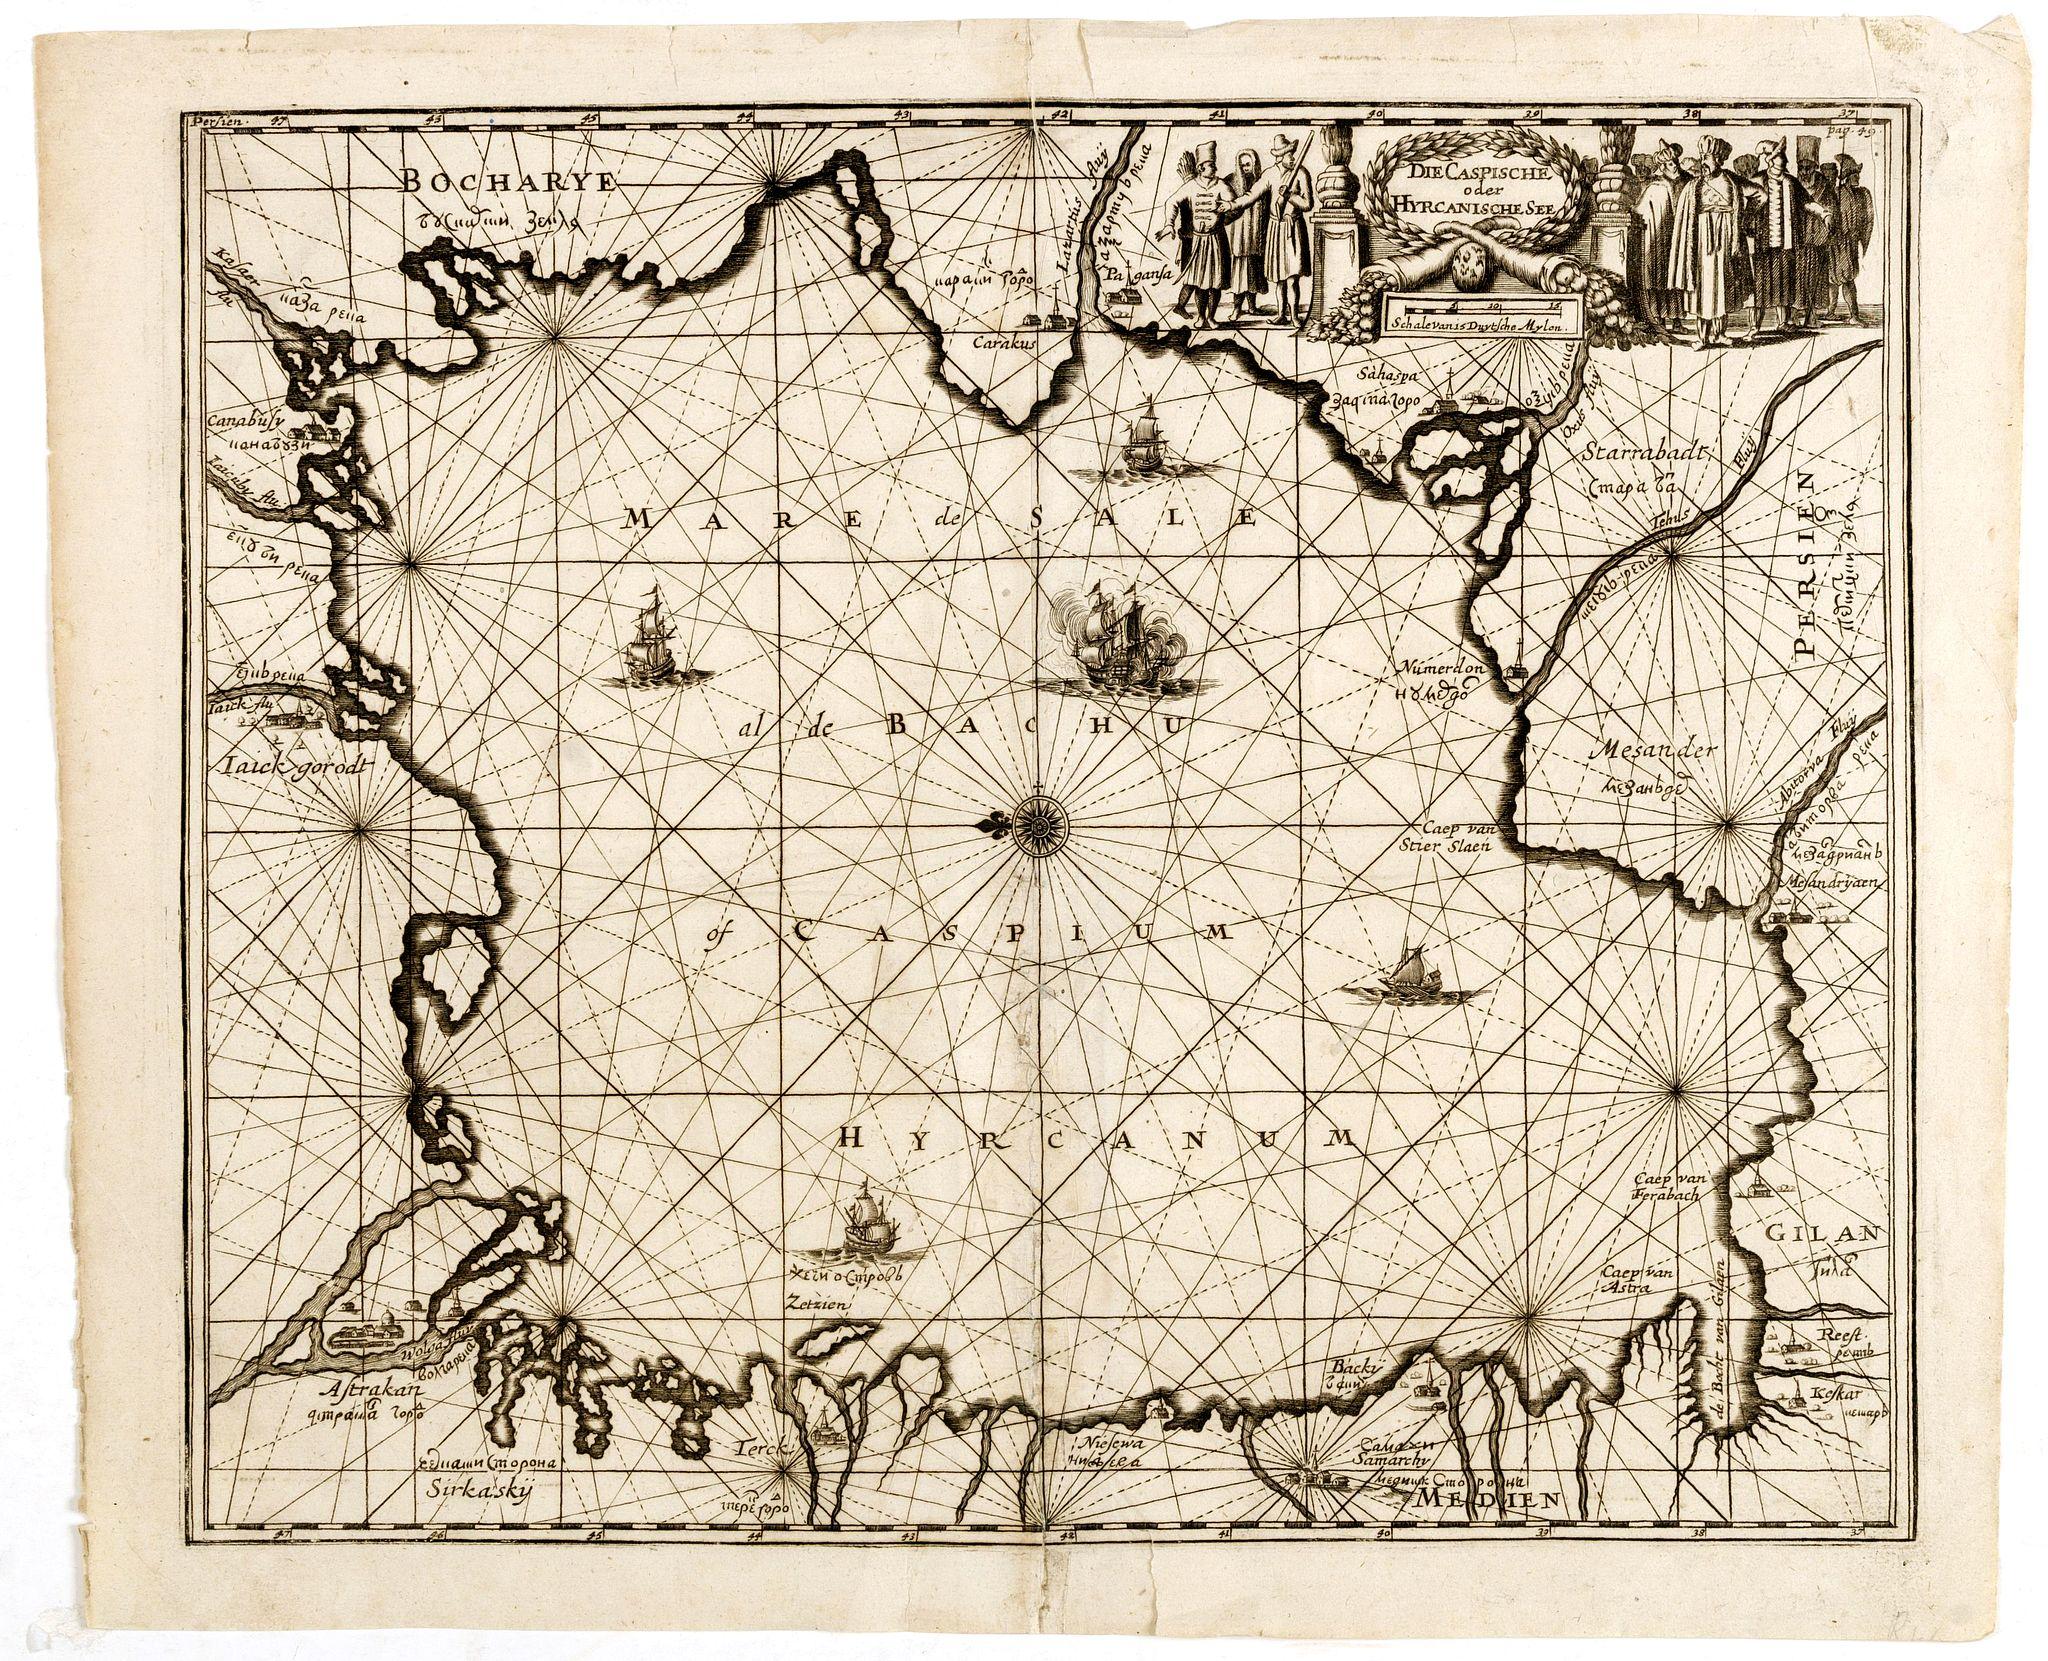 HOFFMANNS, J. / DAPPER, O. -  Die Caspische oder Hyrcanische See.